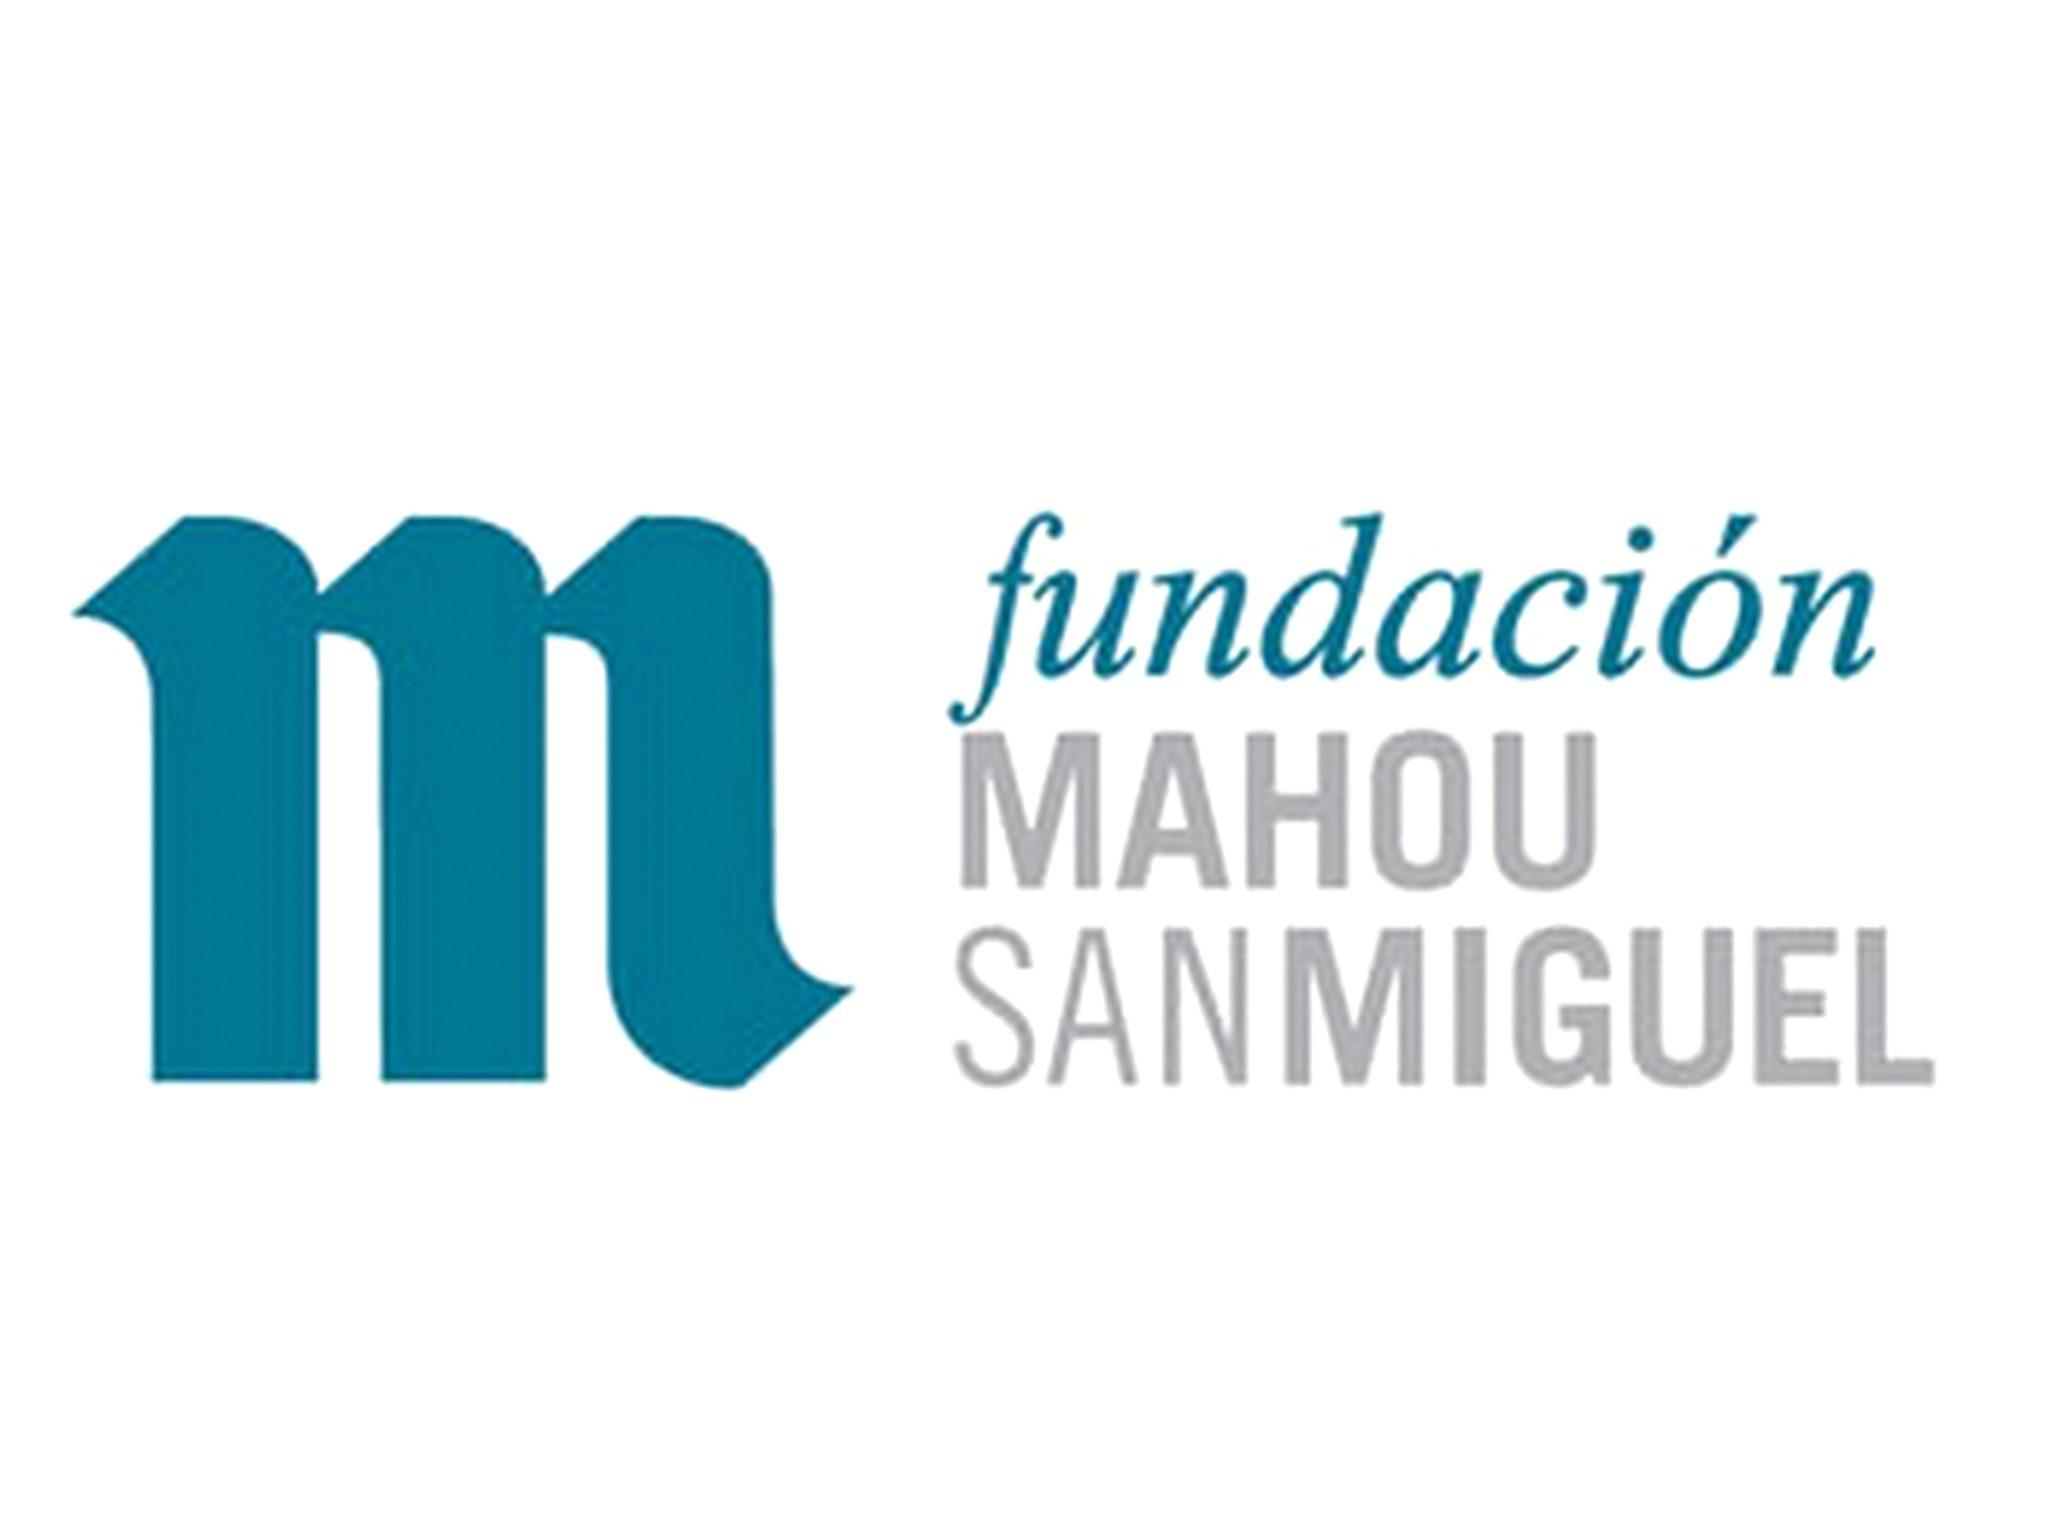 La Fundación Mahou San Miguel: Creamos Oportunidades